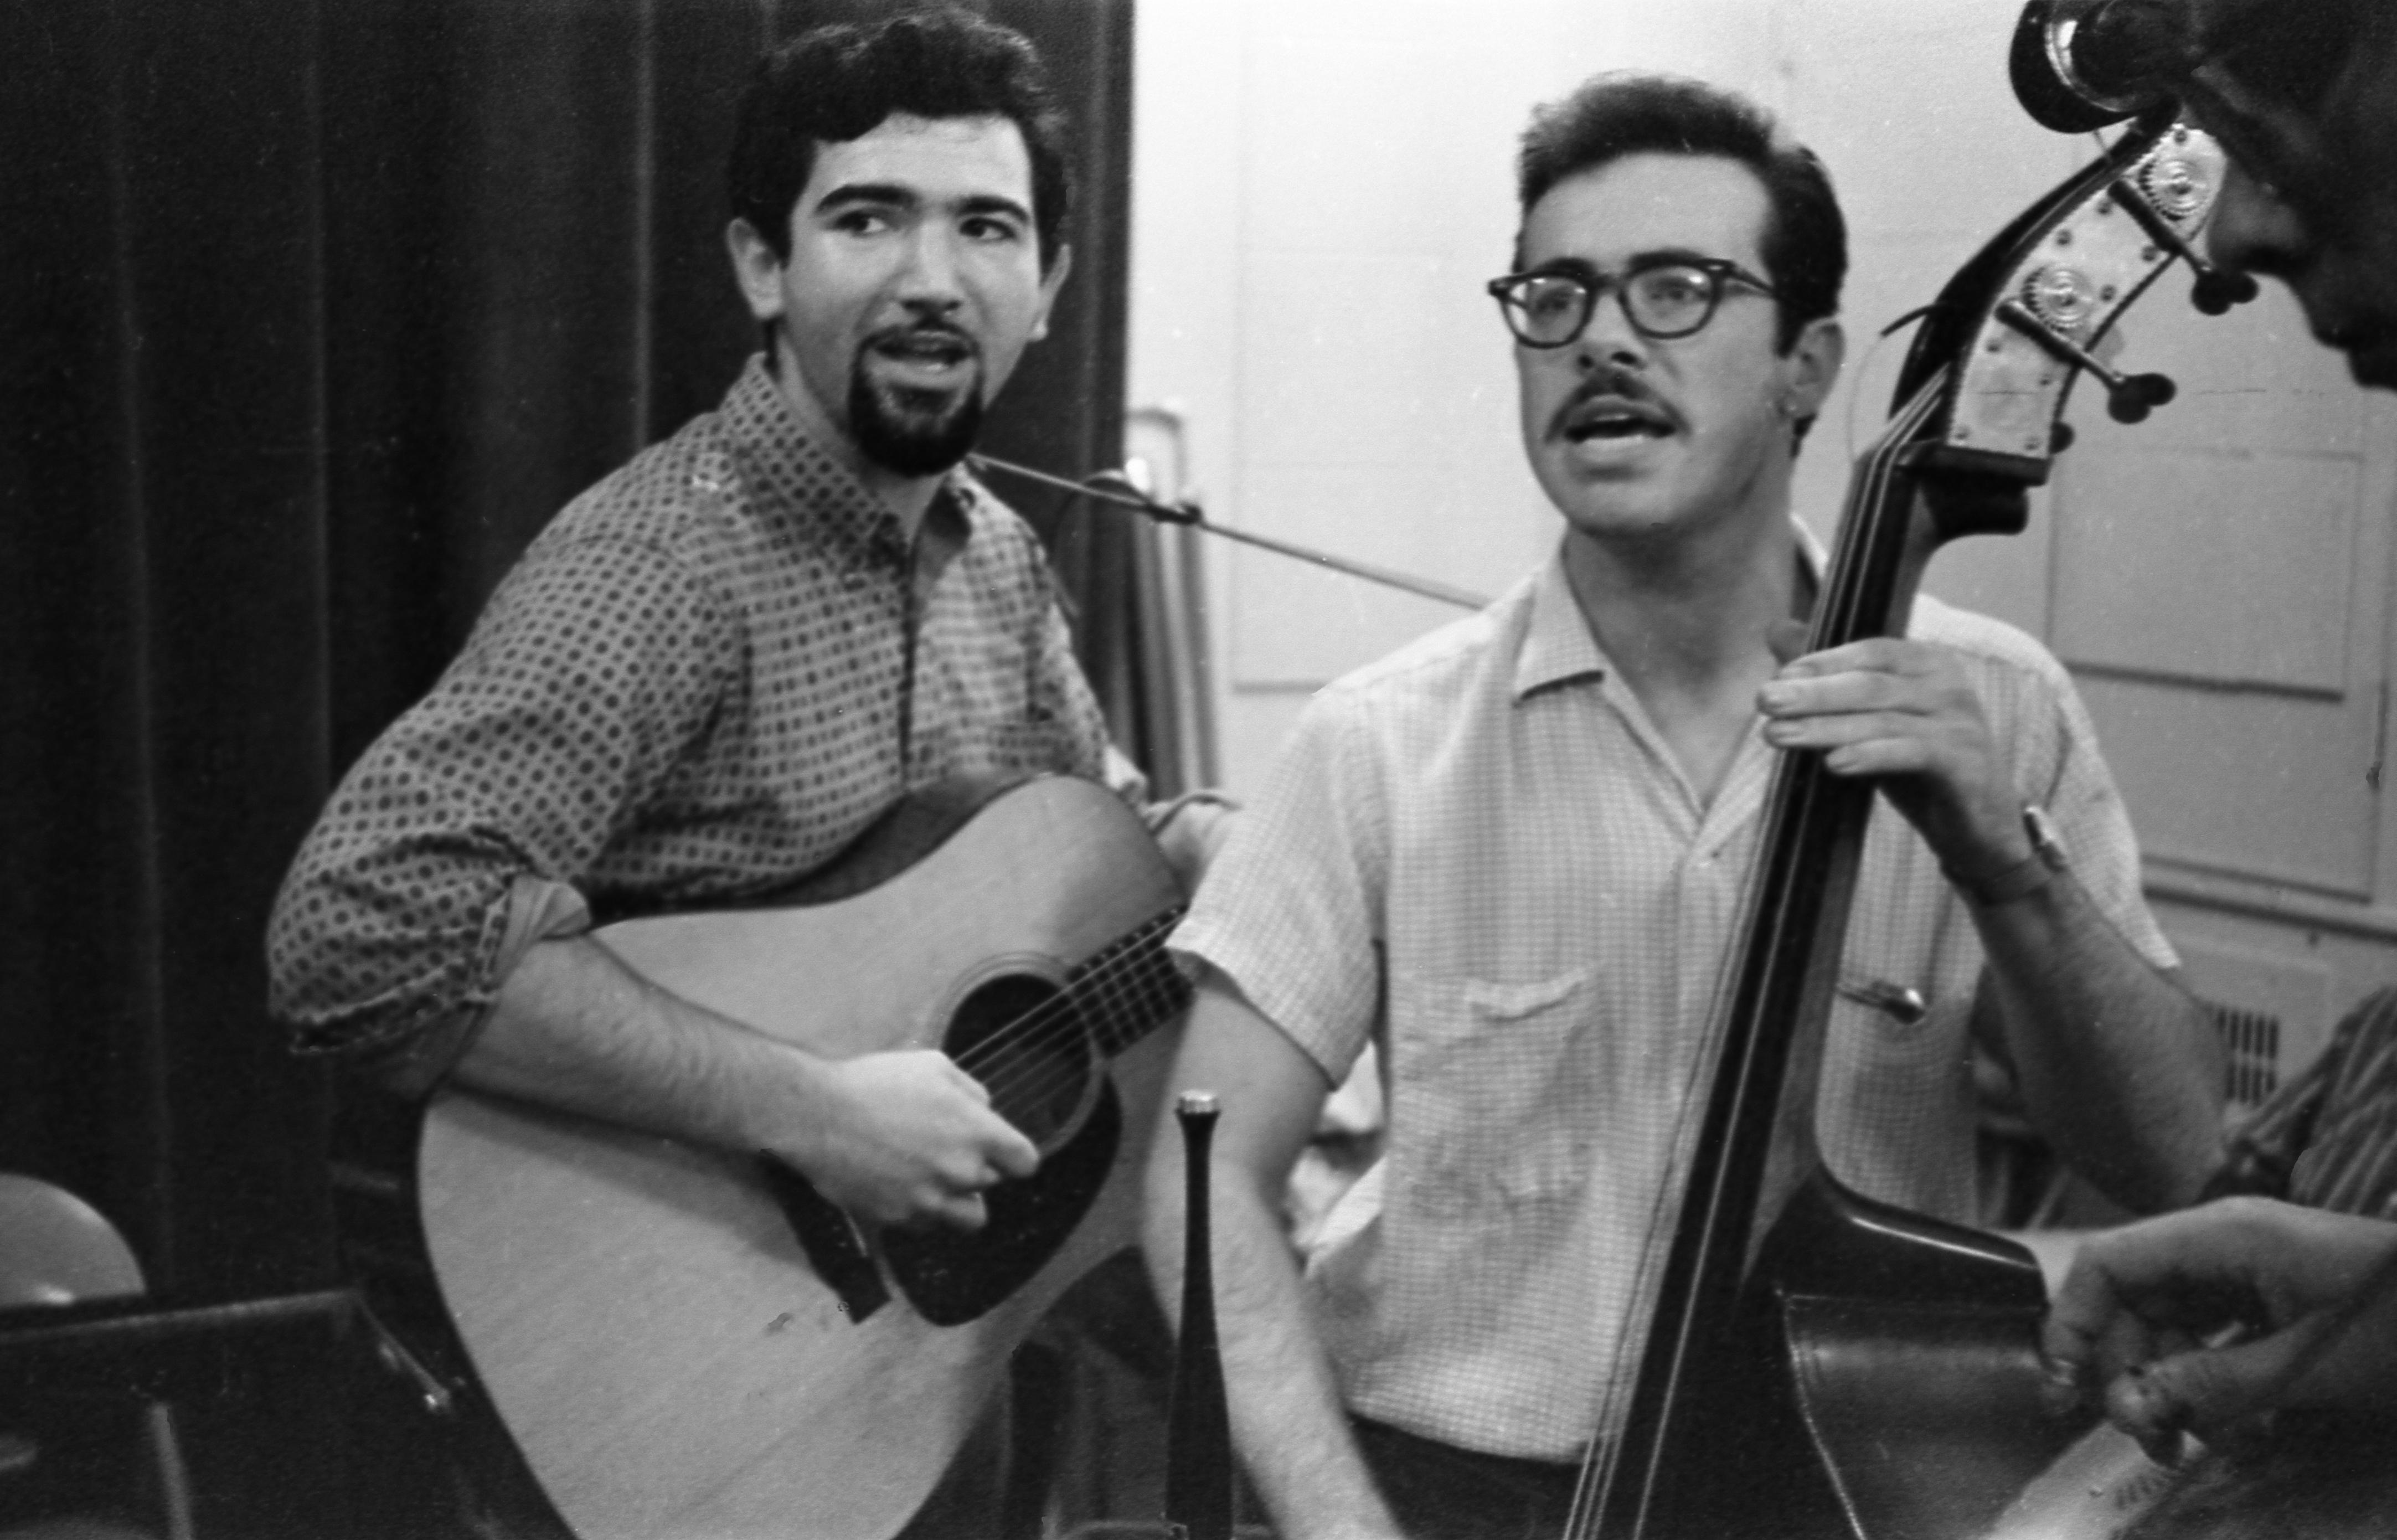 Hear Jerry Garcia's Early Bluegrass Band Hart Valley Drifters